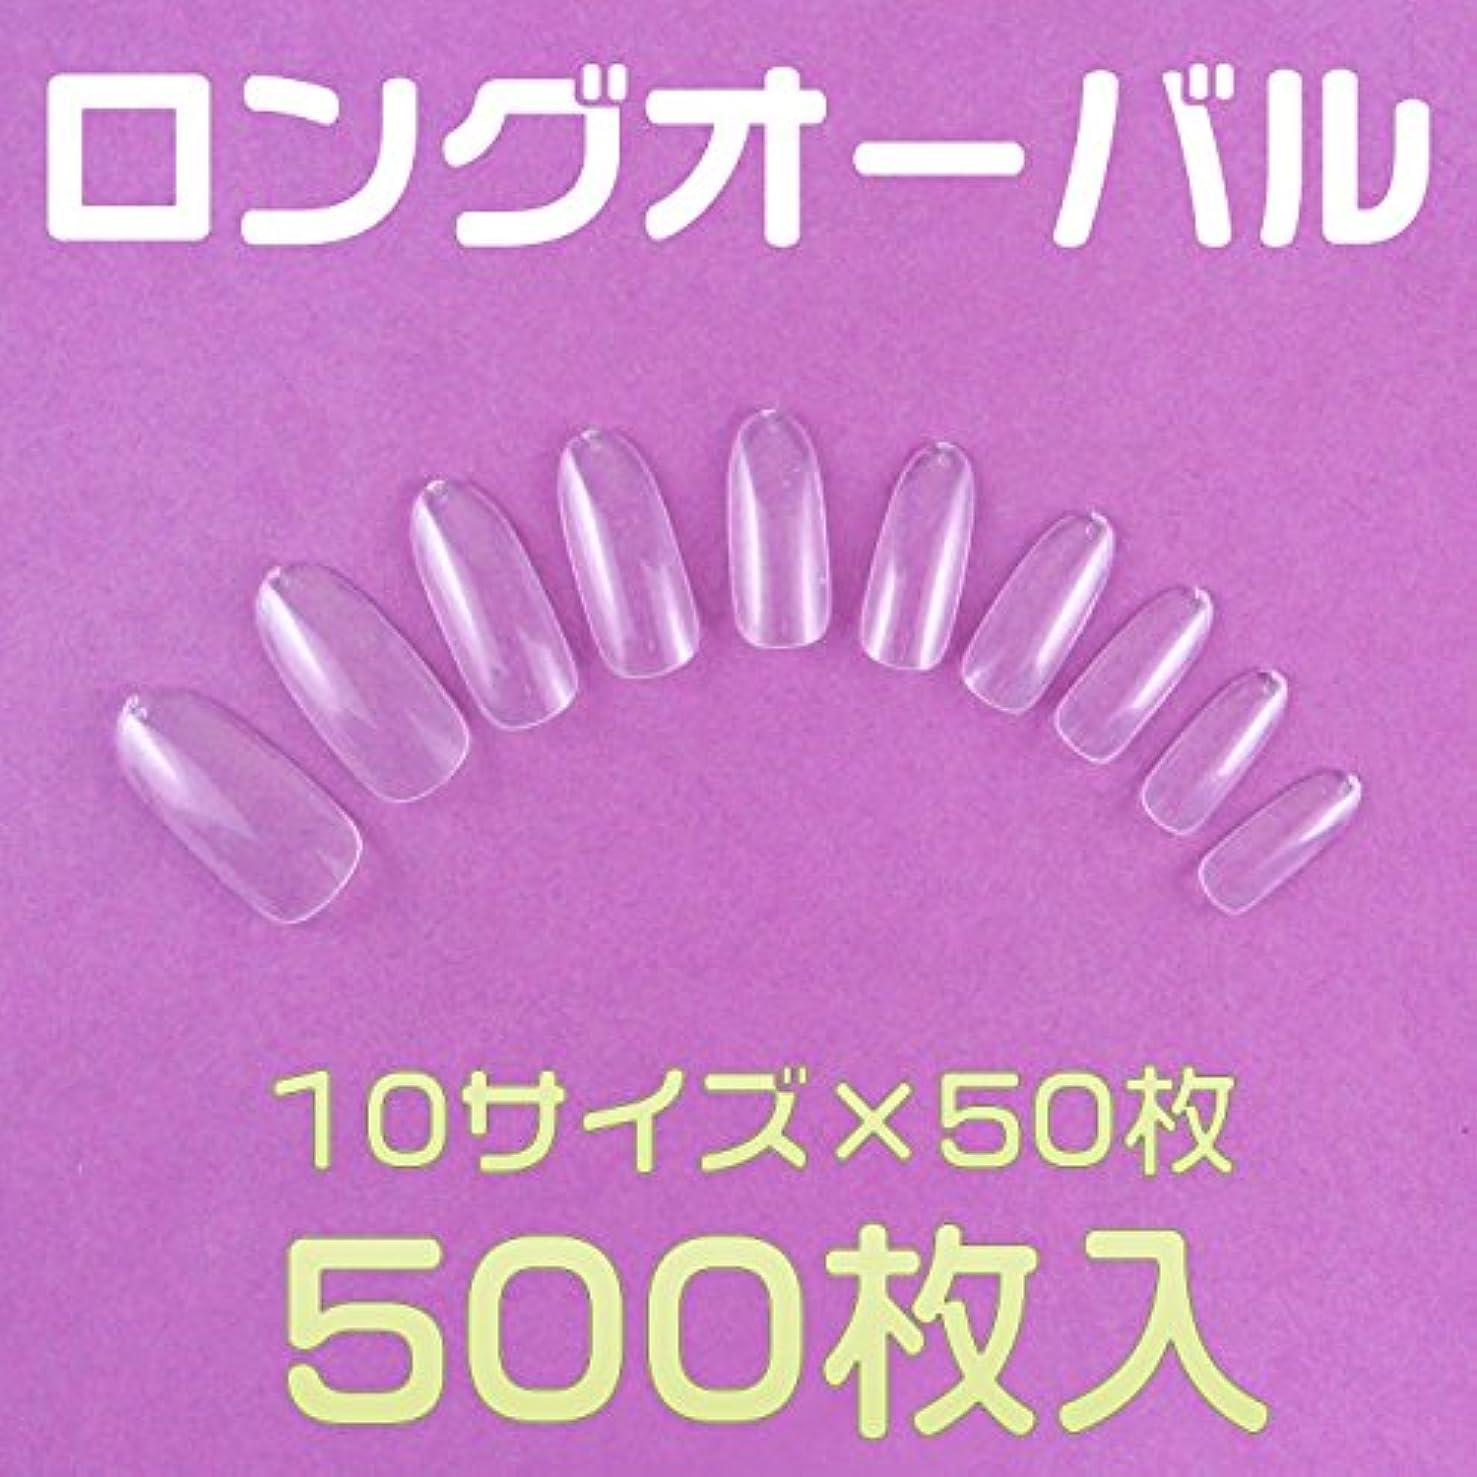 不倫振動する唯一ネイルチップ 無地 クリア ロングオーバル500枚 [#3]フルカバー プレーンチップ オーダー用通販